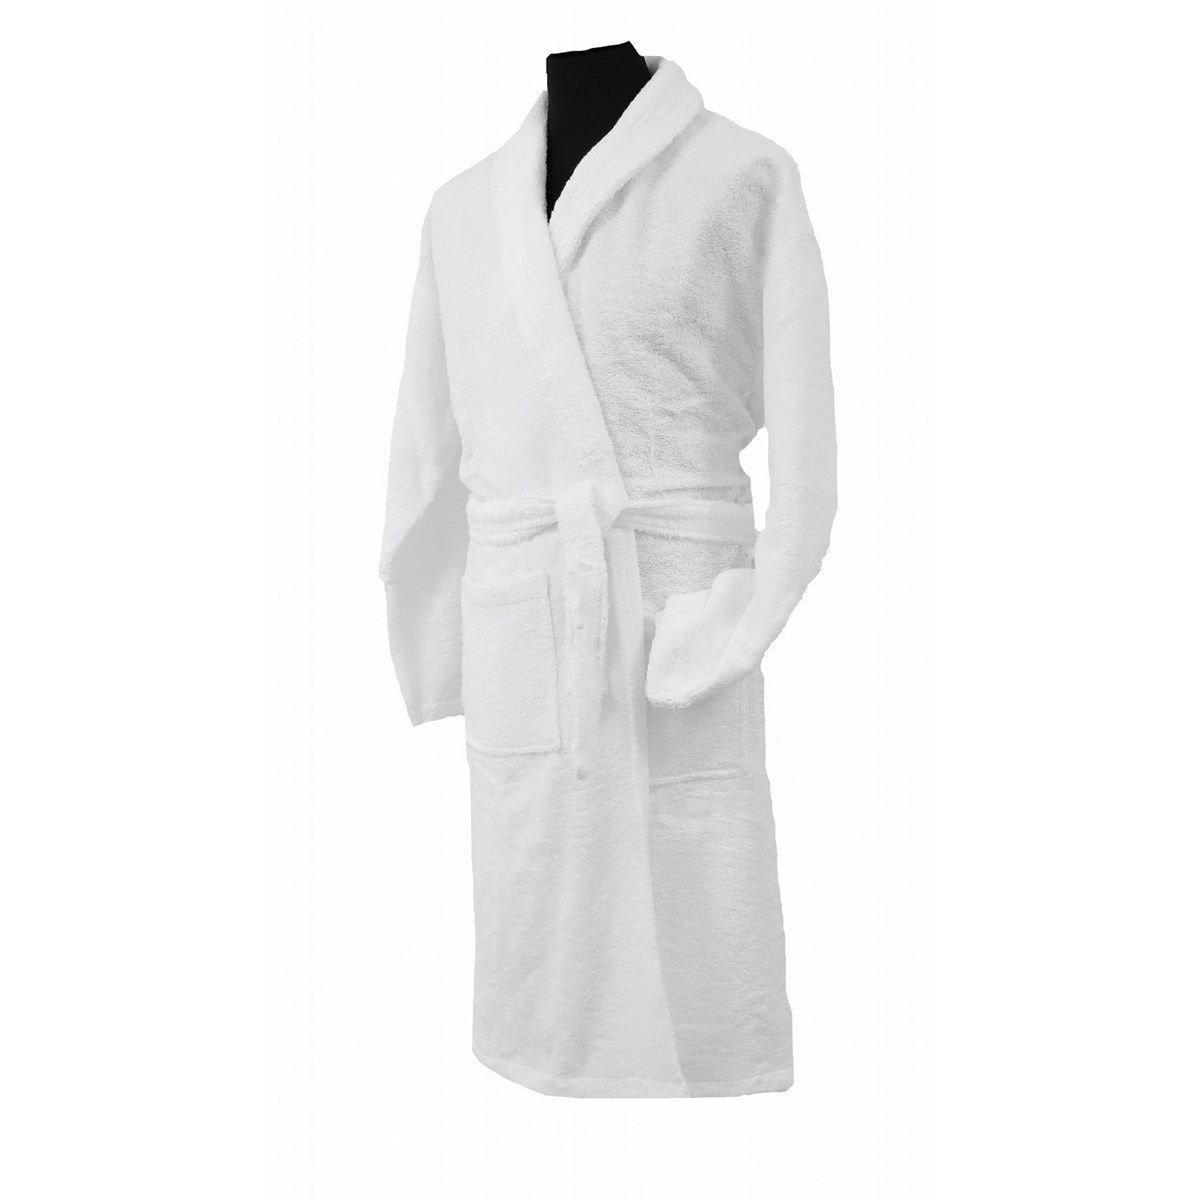 CONFORT - Peignoir mixte col chale coton blanc  S (photo)